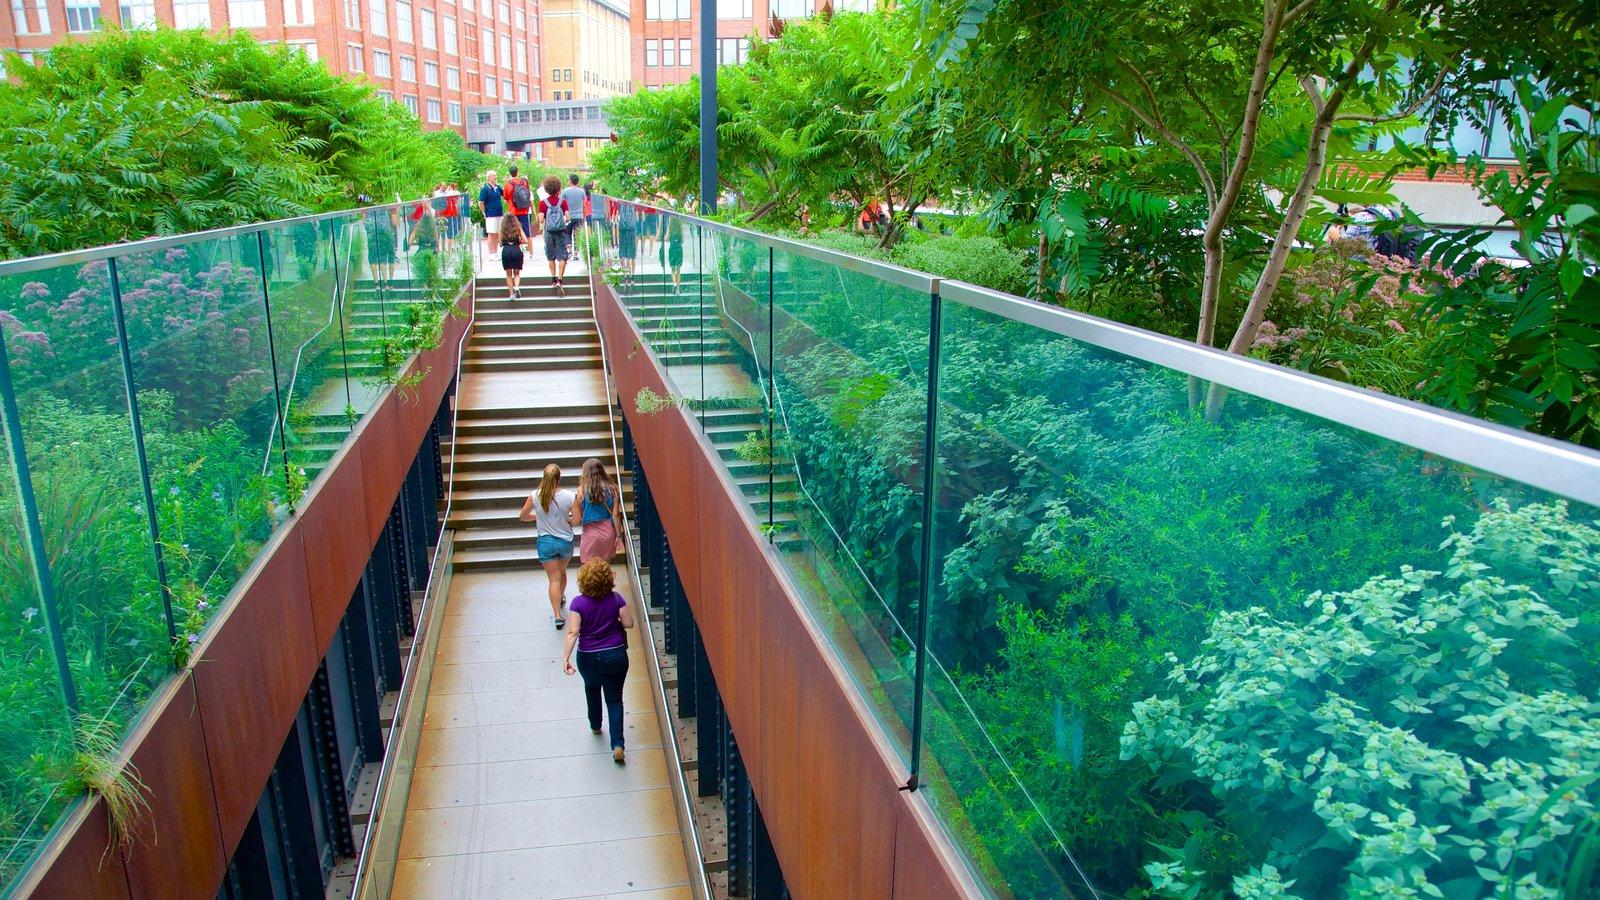 The High Line Park que inclui um parque assim como um pequeno grupo de pessoas